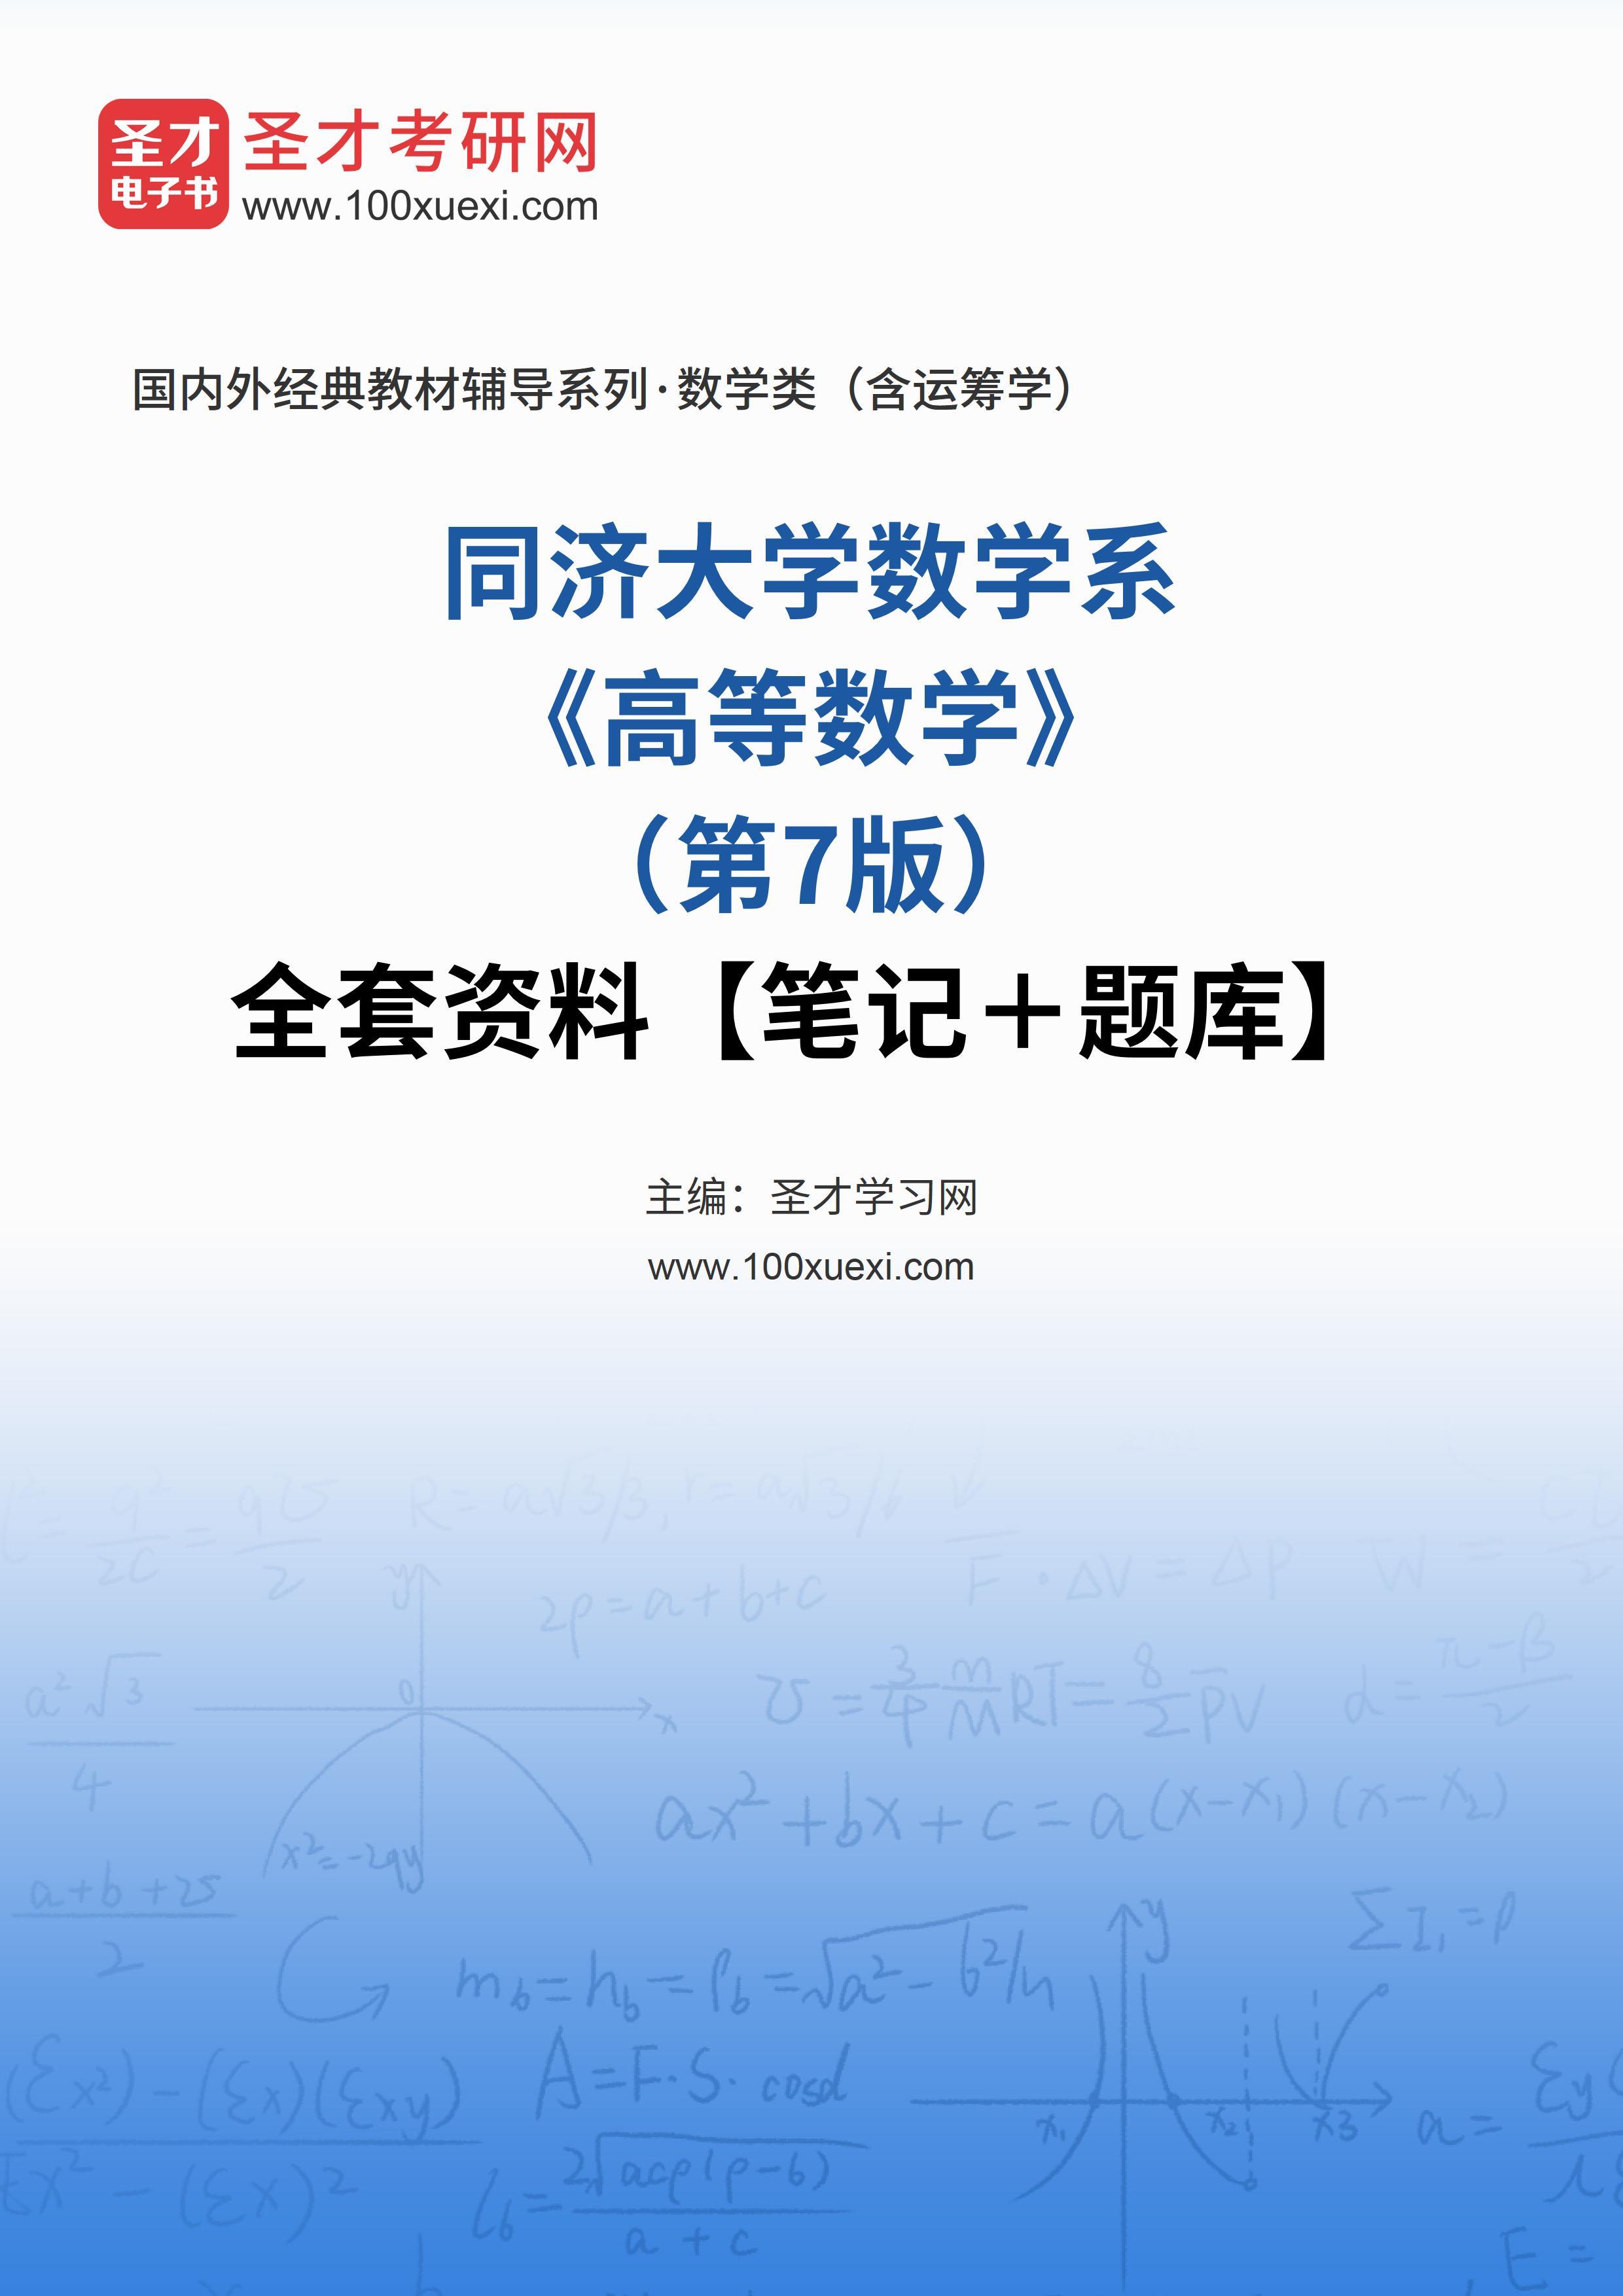 同济大学数学系《高等数学》(第7版)全套资料【笔记+题库】